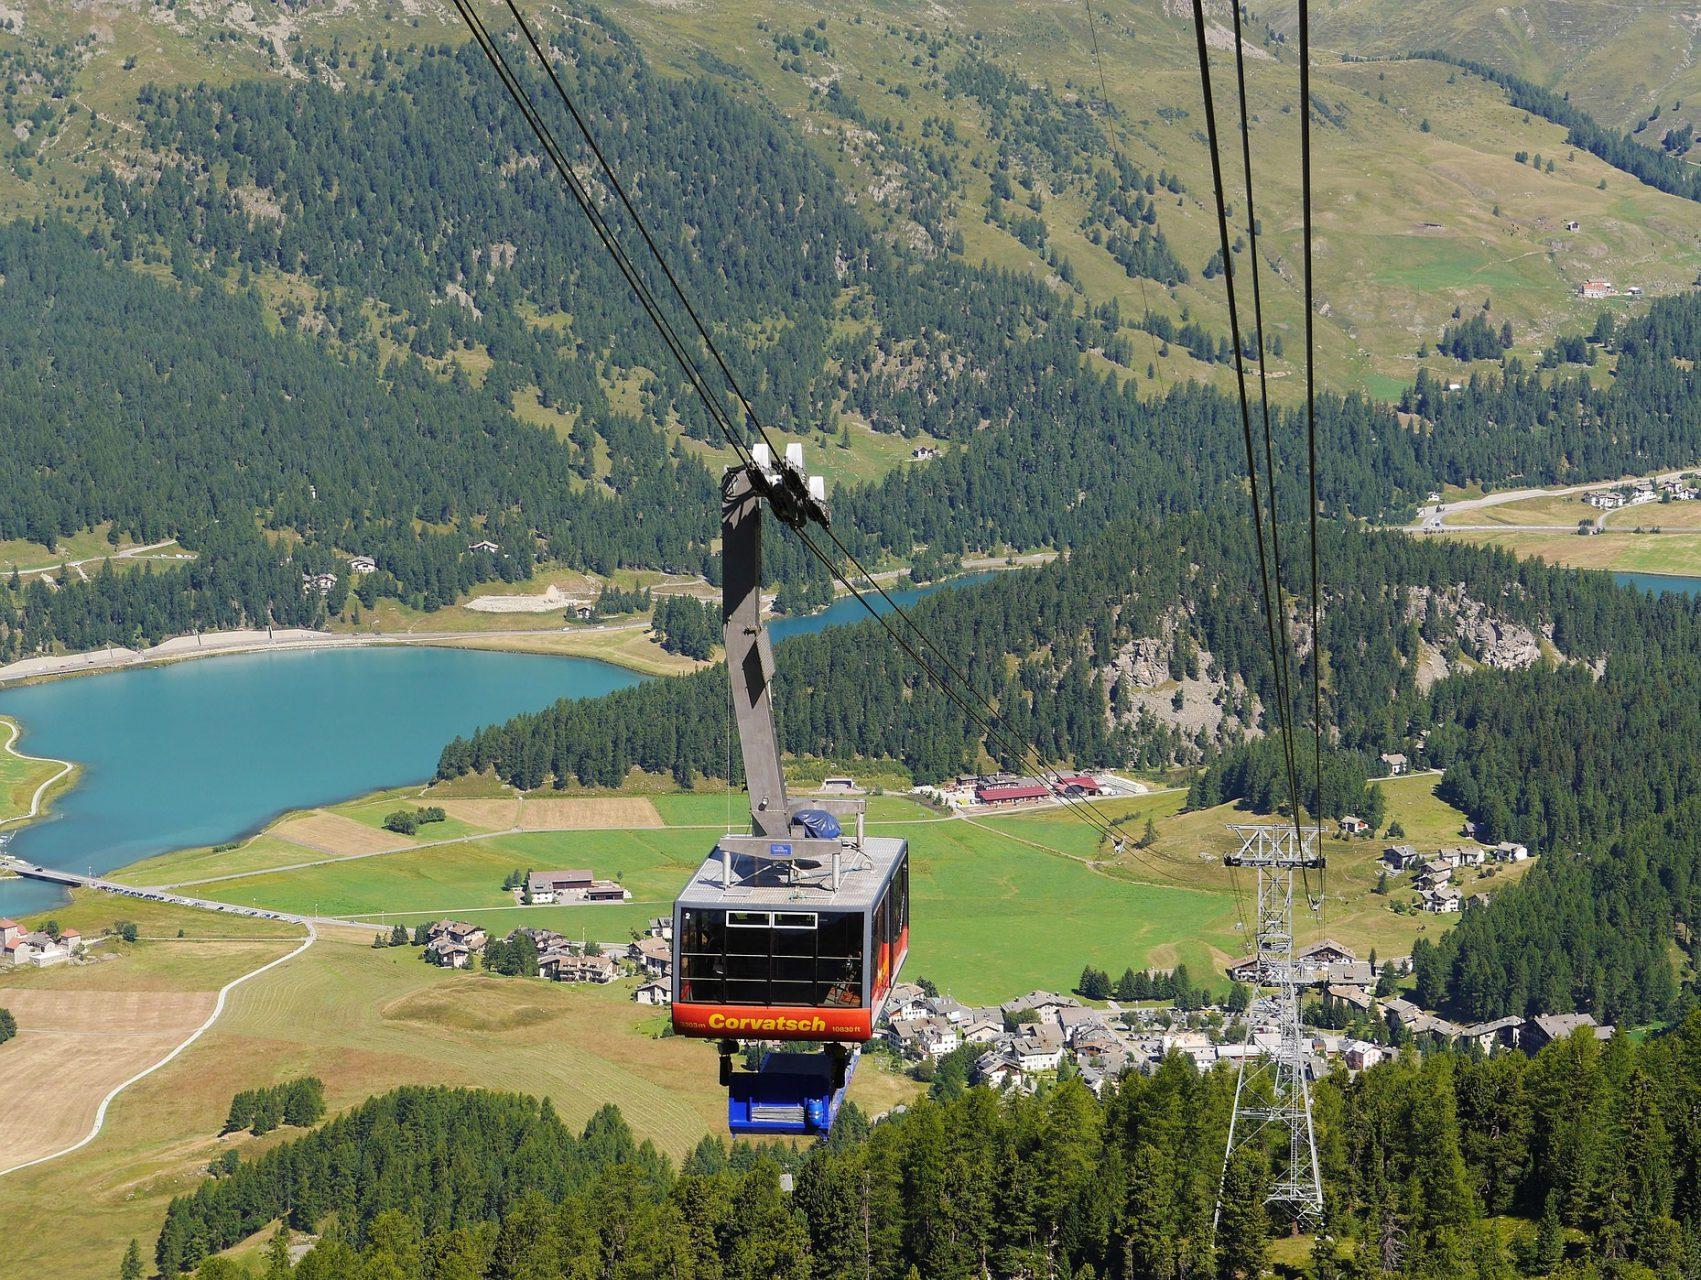 Bergbahnen Engadin St. Moritz